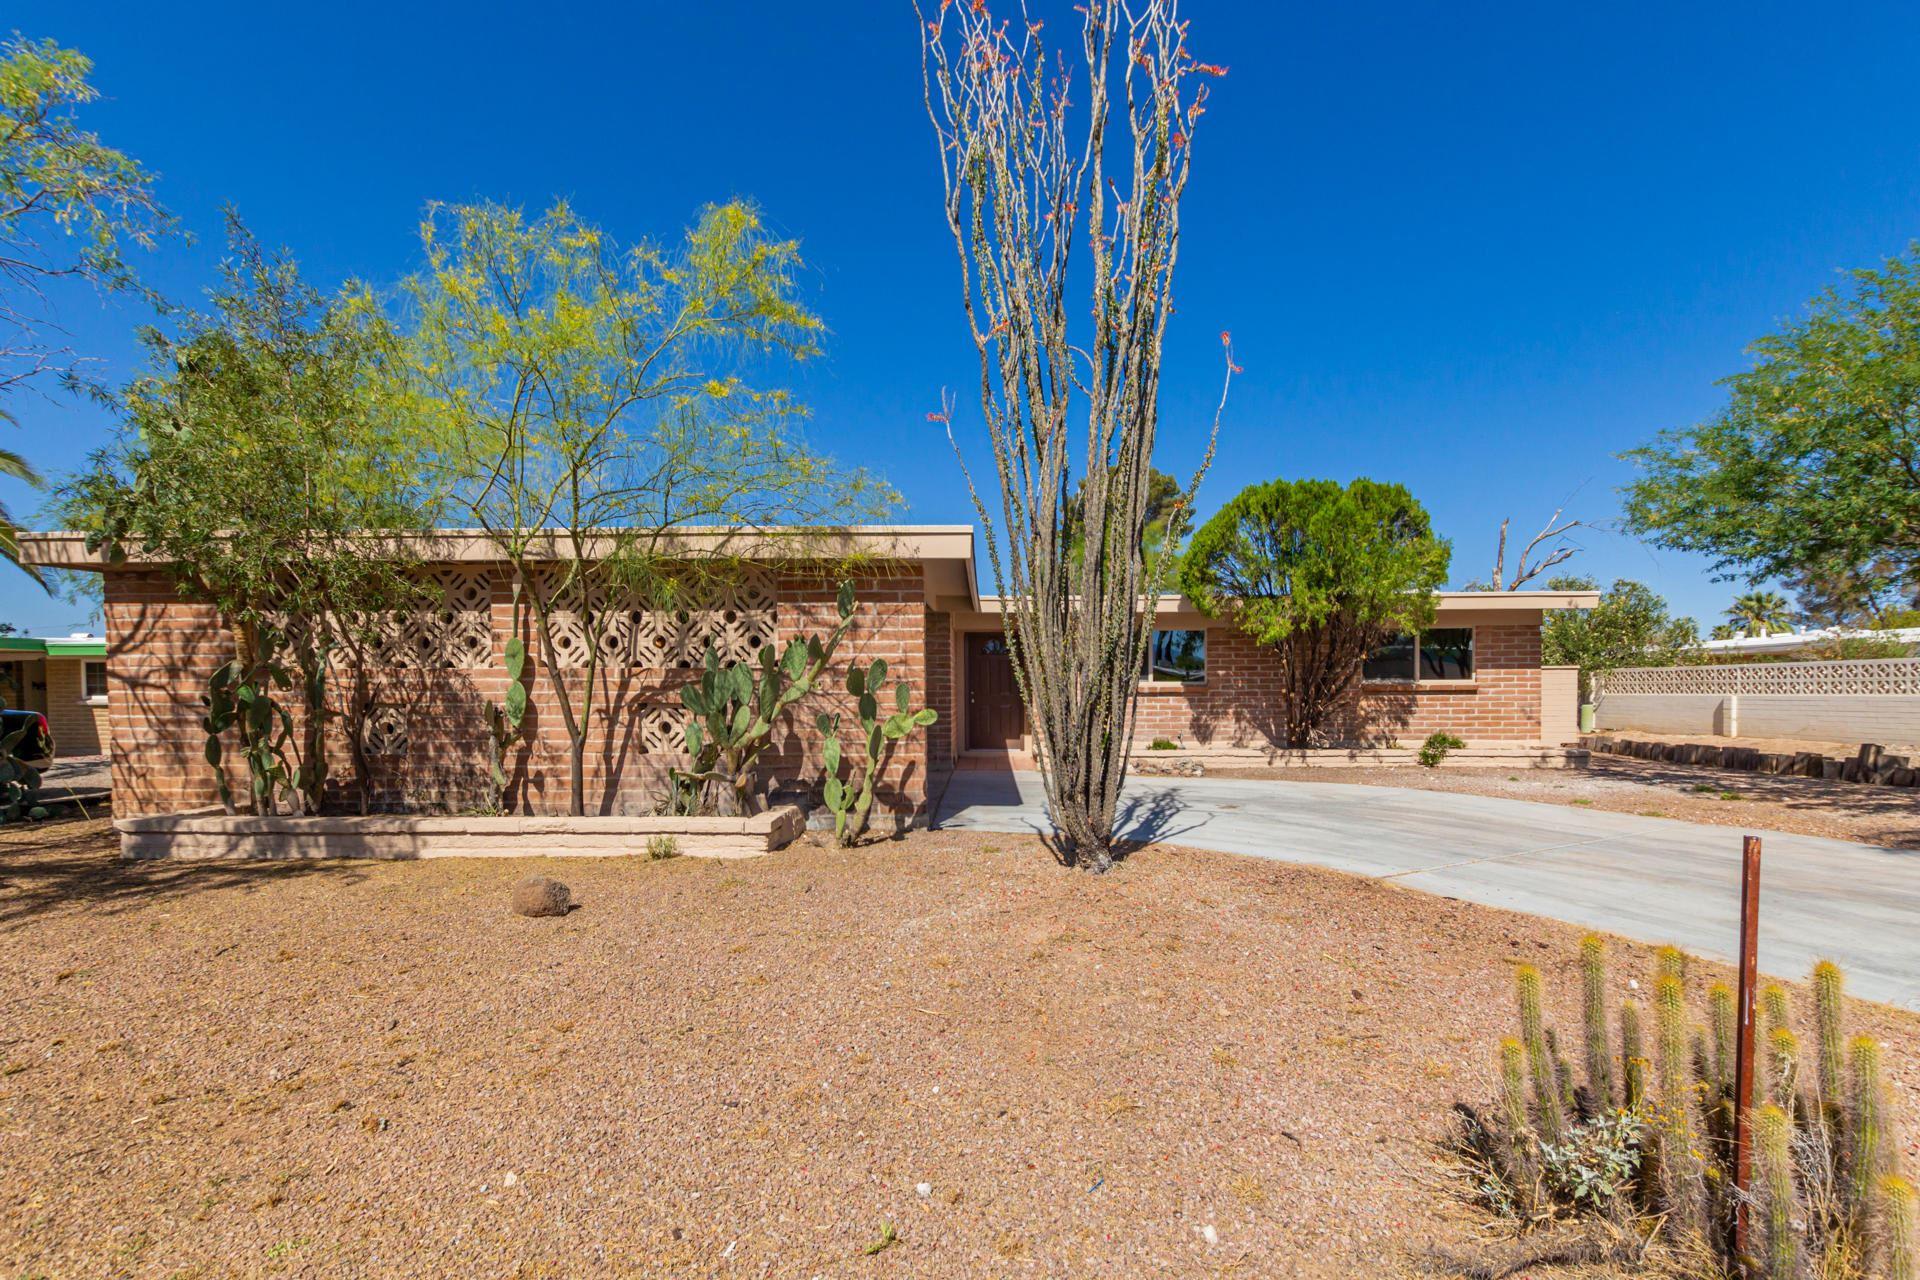 8846 E 35th Circle, Tucson, AZ 85710 - MLS#: 22111596